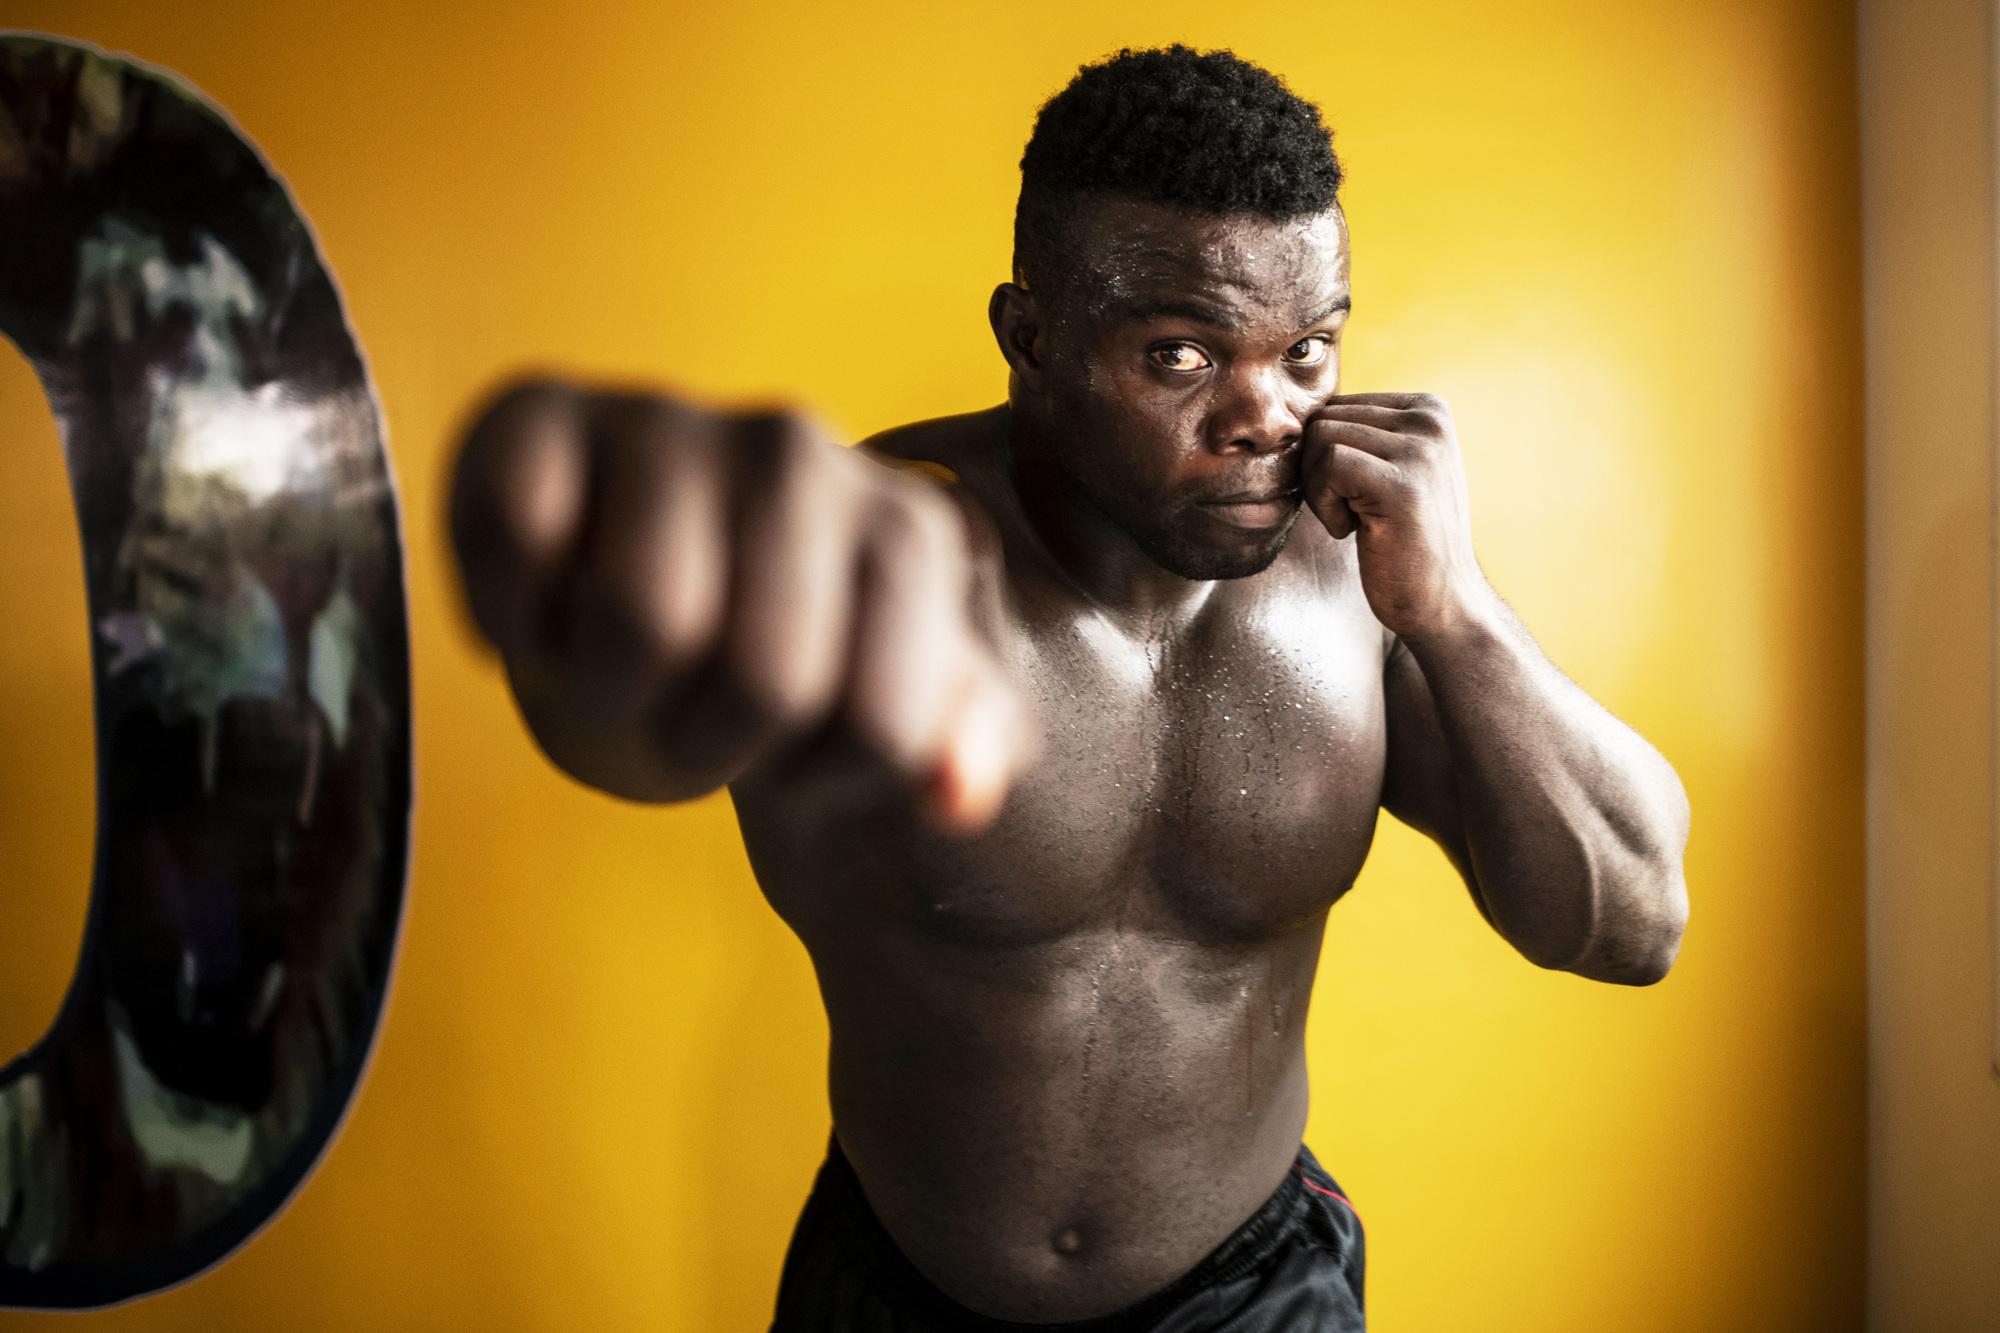 Rencontre avec le lutteur sénégalais Reug Reug dans sa salle d'entraînement à Mbao en banlieue de Dakar.